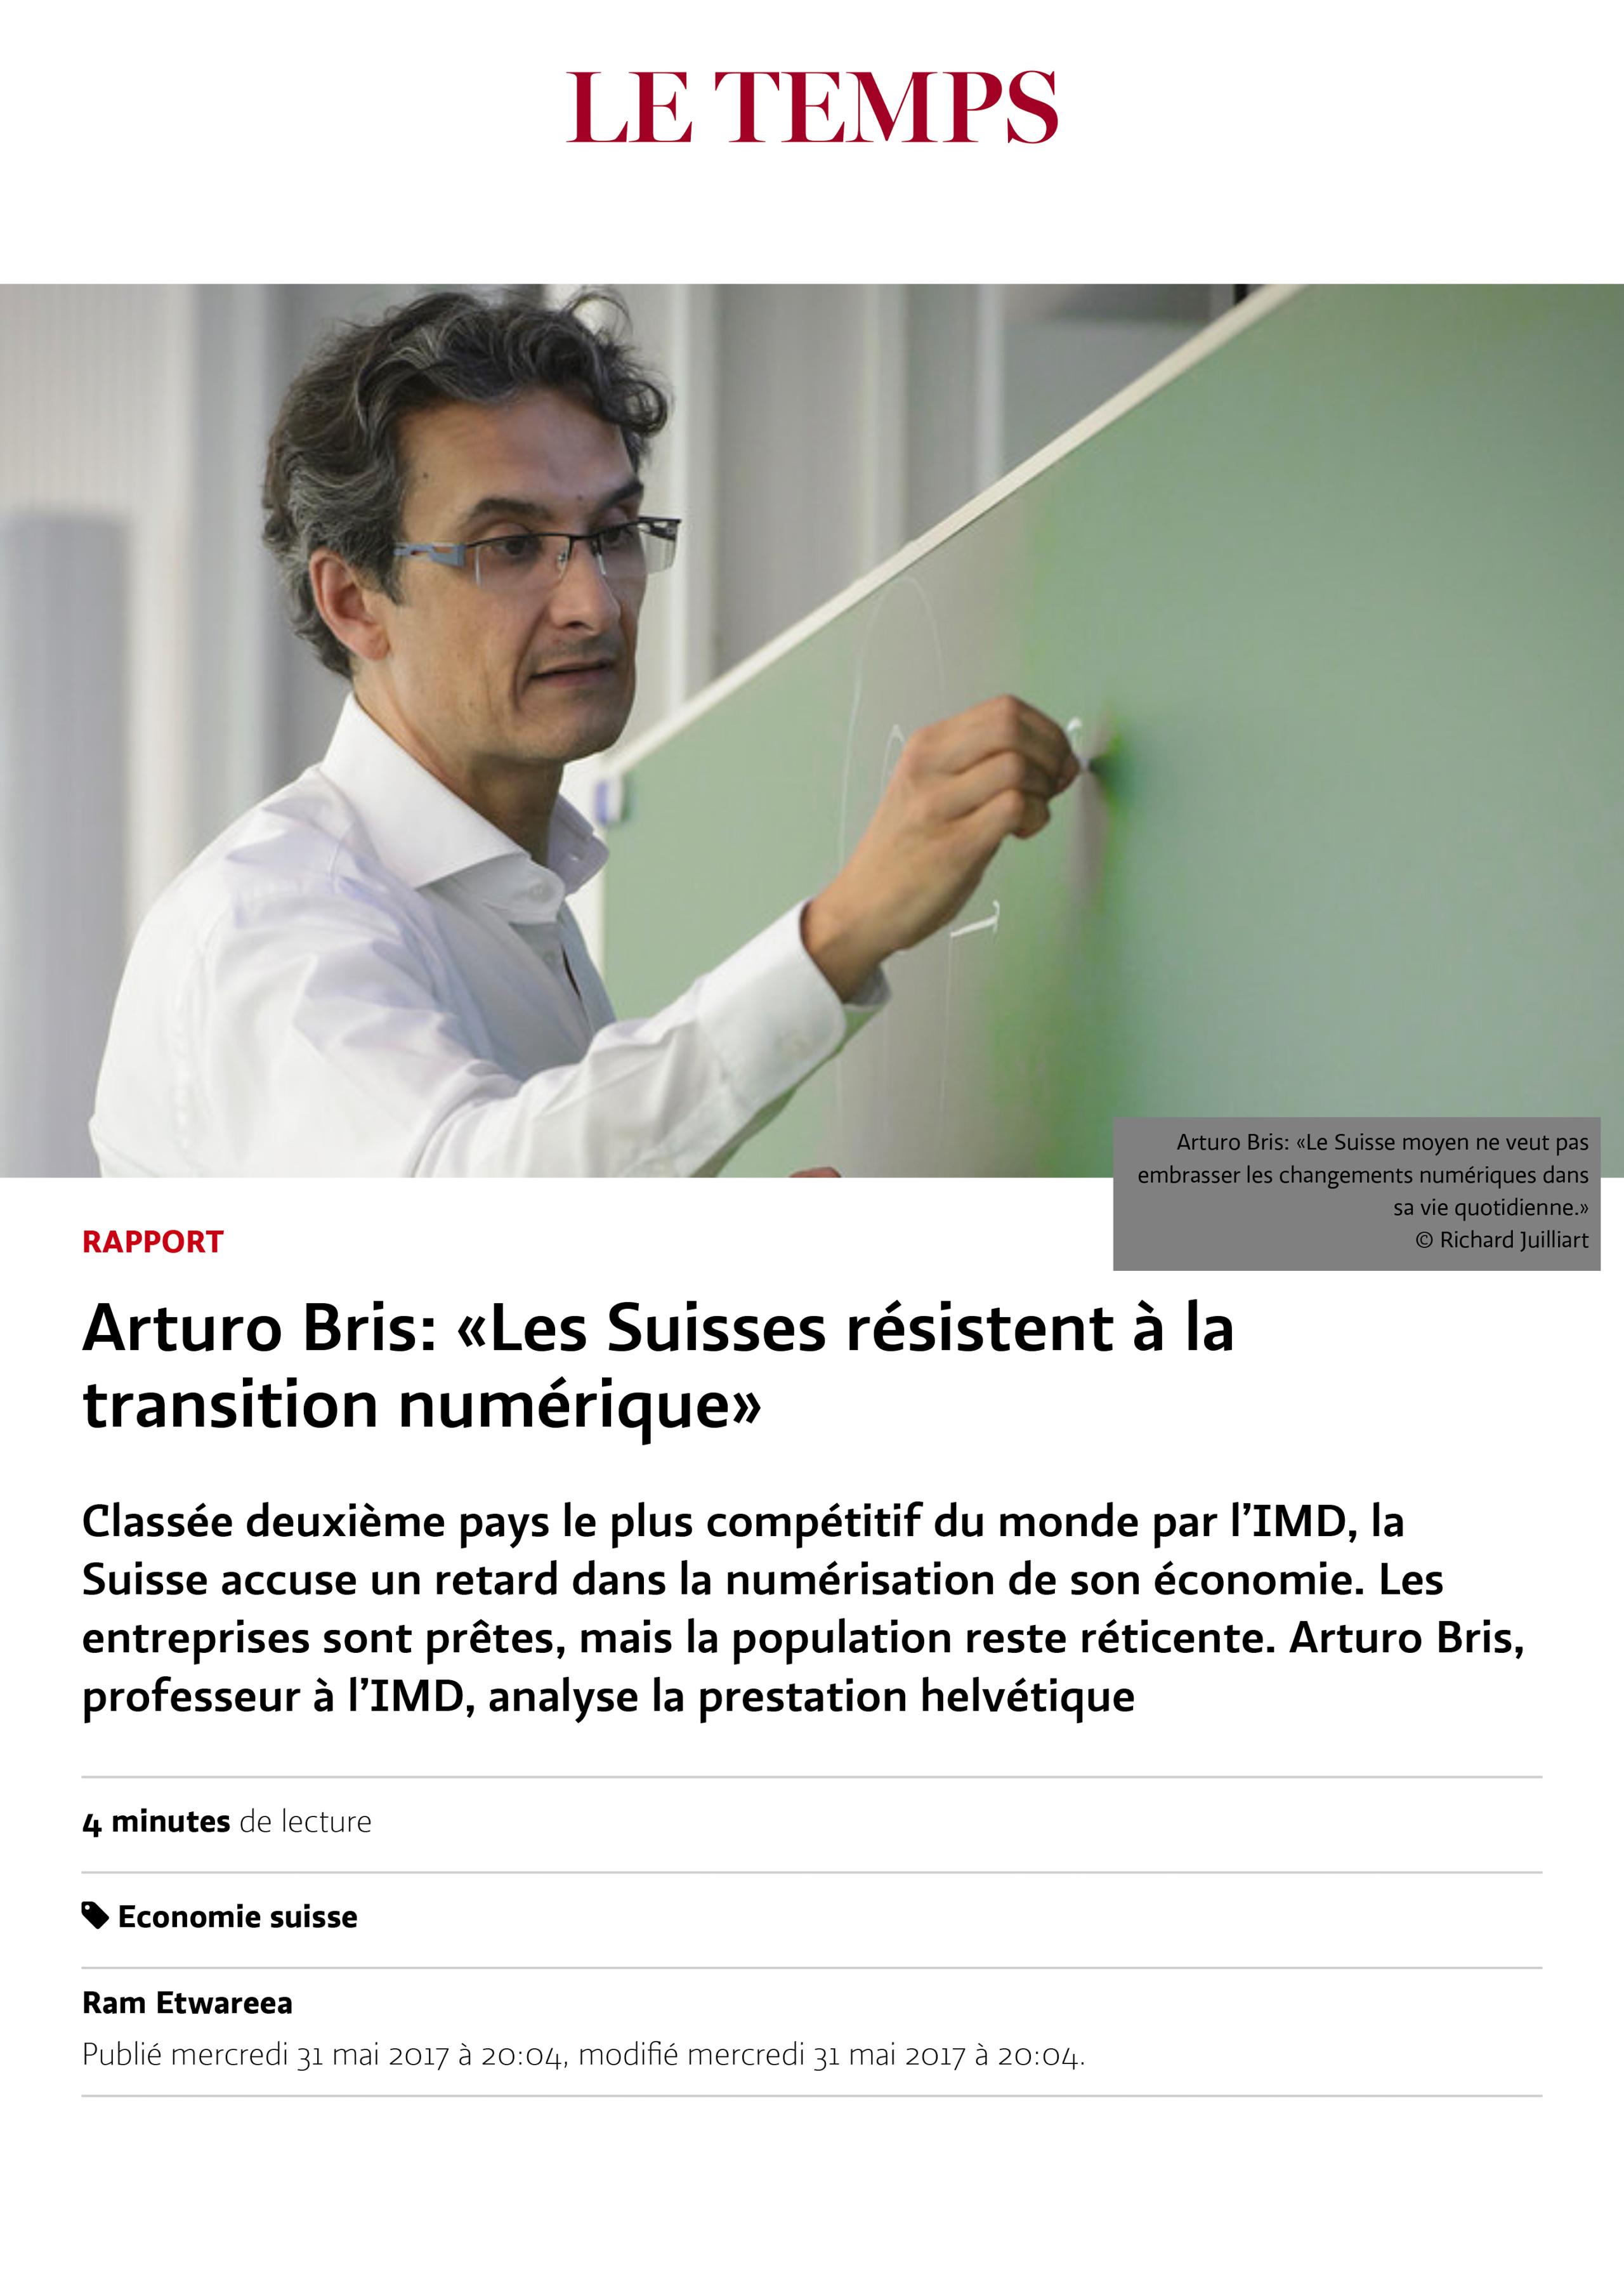 tearsheet-2019-08-27_16.«Les Suisses résistent à la transition numérique» - Le Temps-1